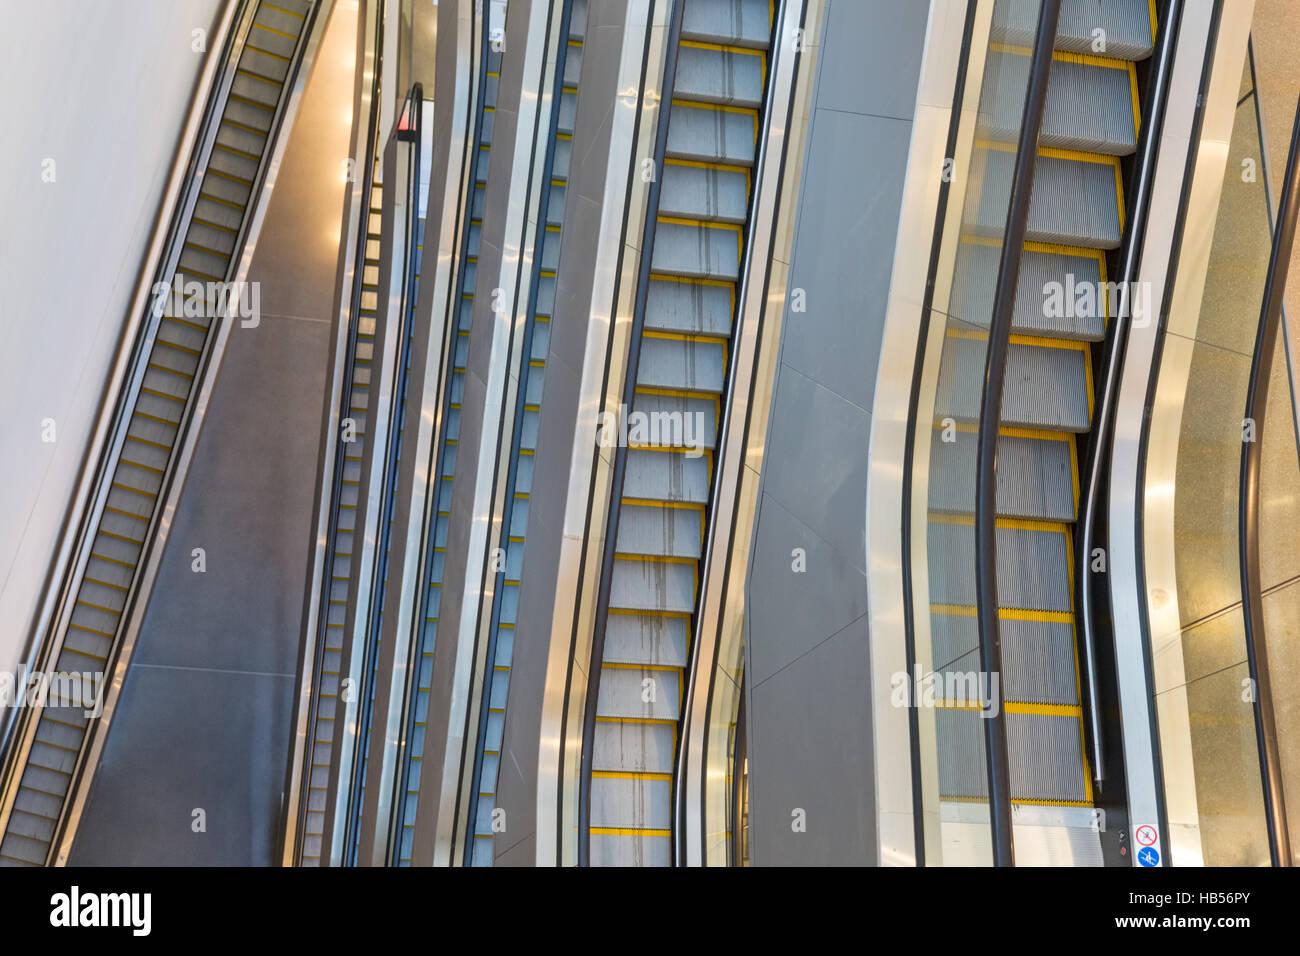 Gestapelte Rolltreppen im Dortmunder U-Turm oder Dortmunder U, ehemalige Dortmunder Union-Brauerei, Bau, Deutschland Stockbild